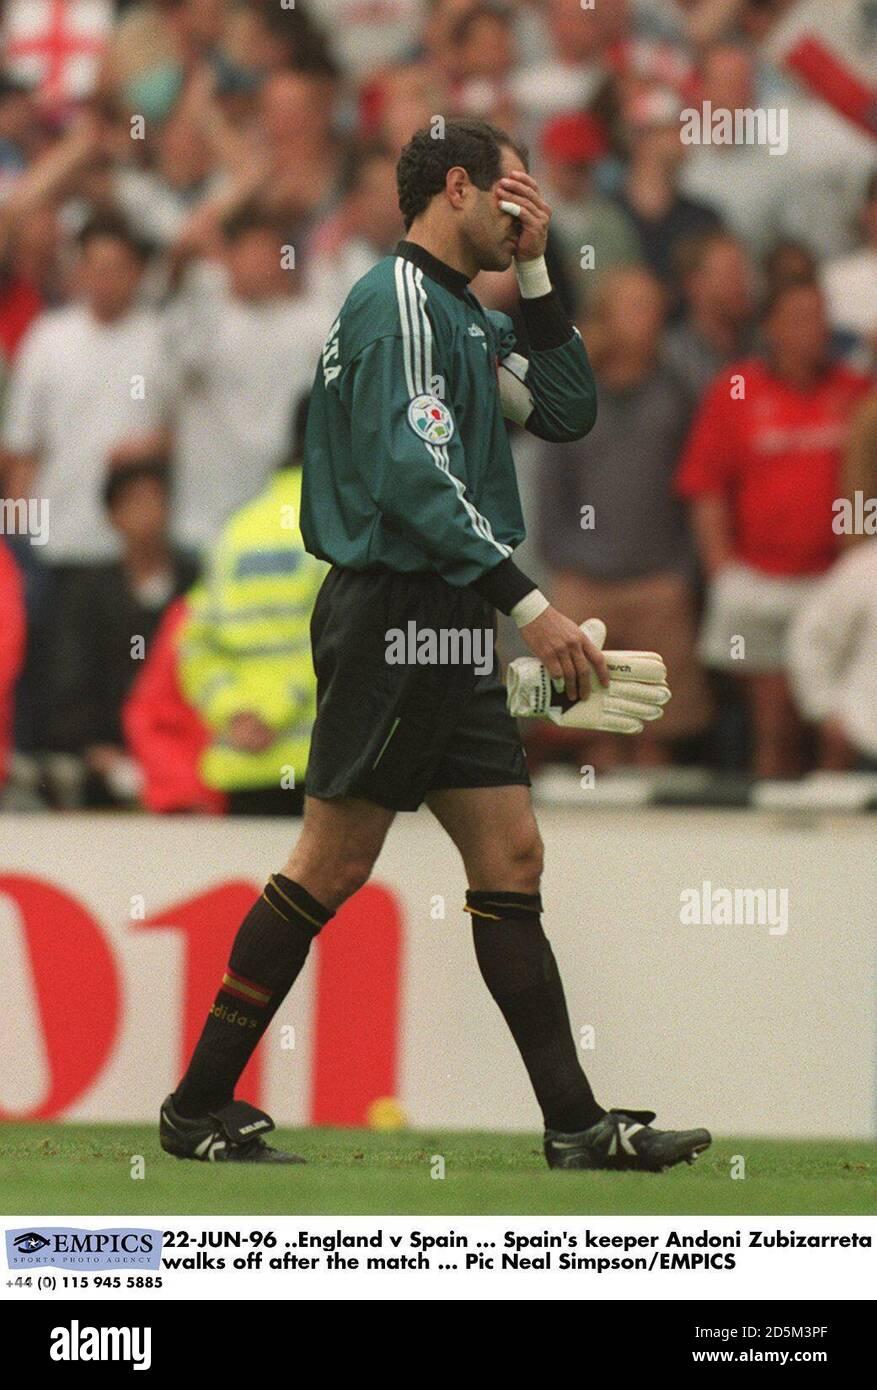 22-JUN-96 ..Inglaterra contra España ... El español Andoni Zubizarreta se desata después del partido Foto de stock